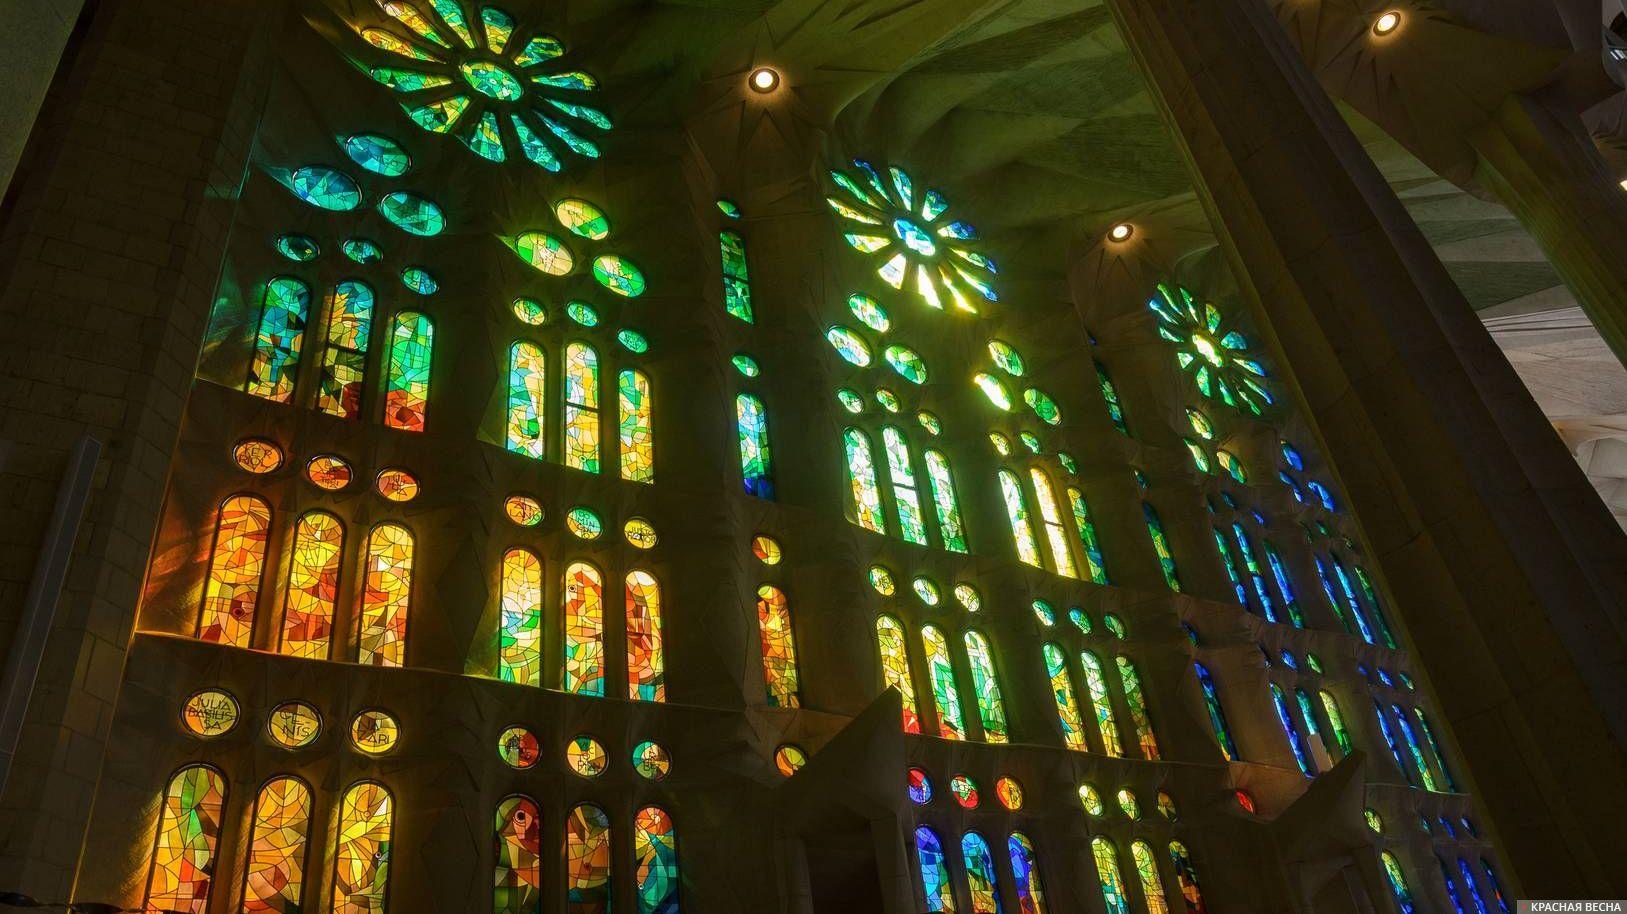 Витражи Храма Саграда Фамилия, Барселона, Испания.